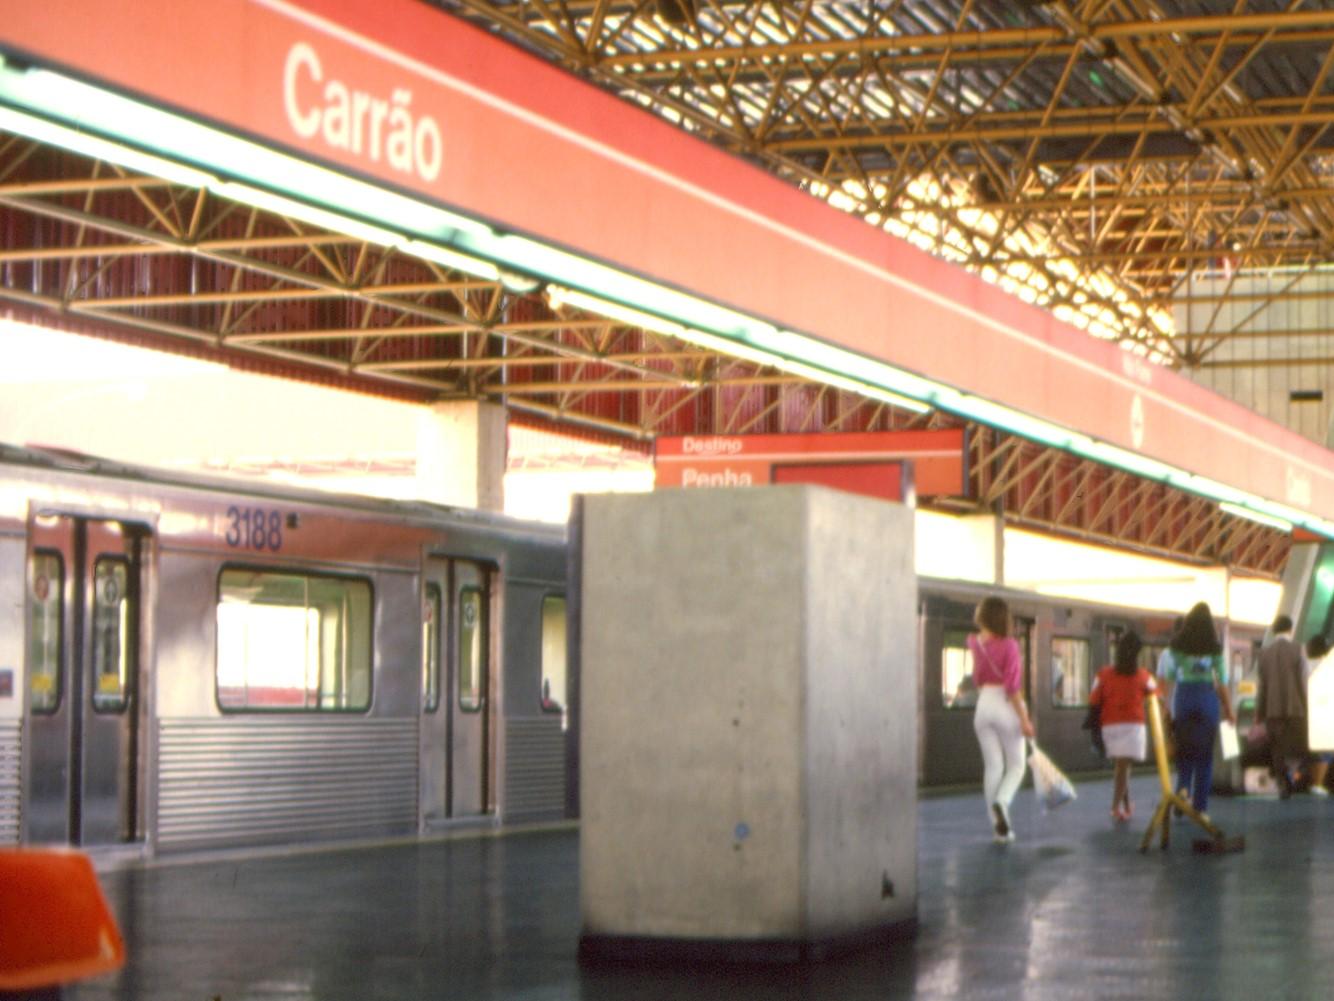 Funcionamento do metrô de São Paulo terá alterações no domingo